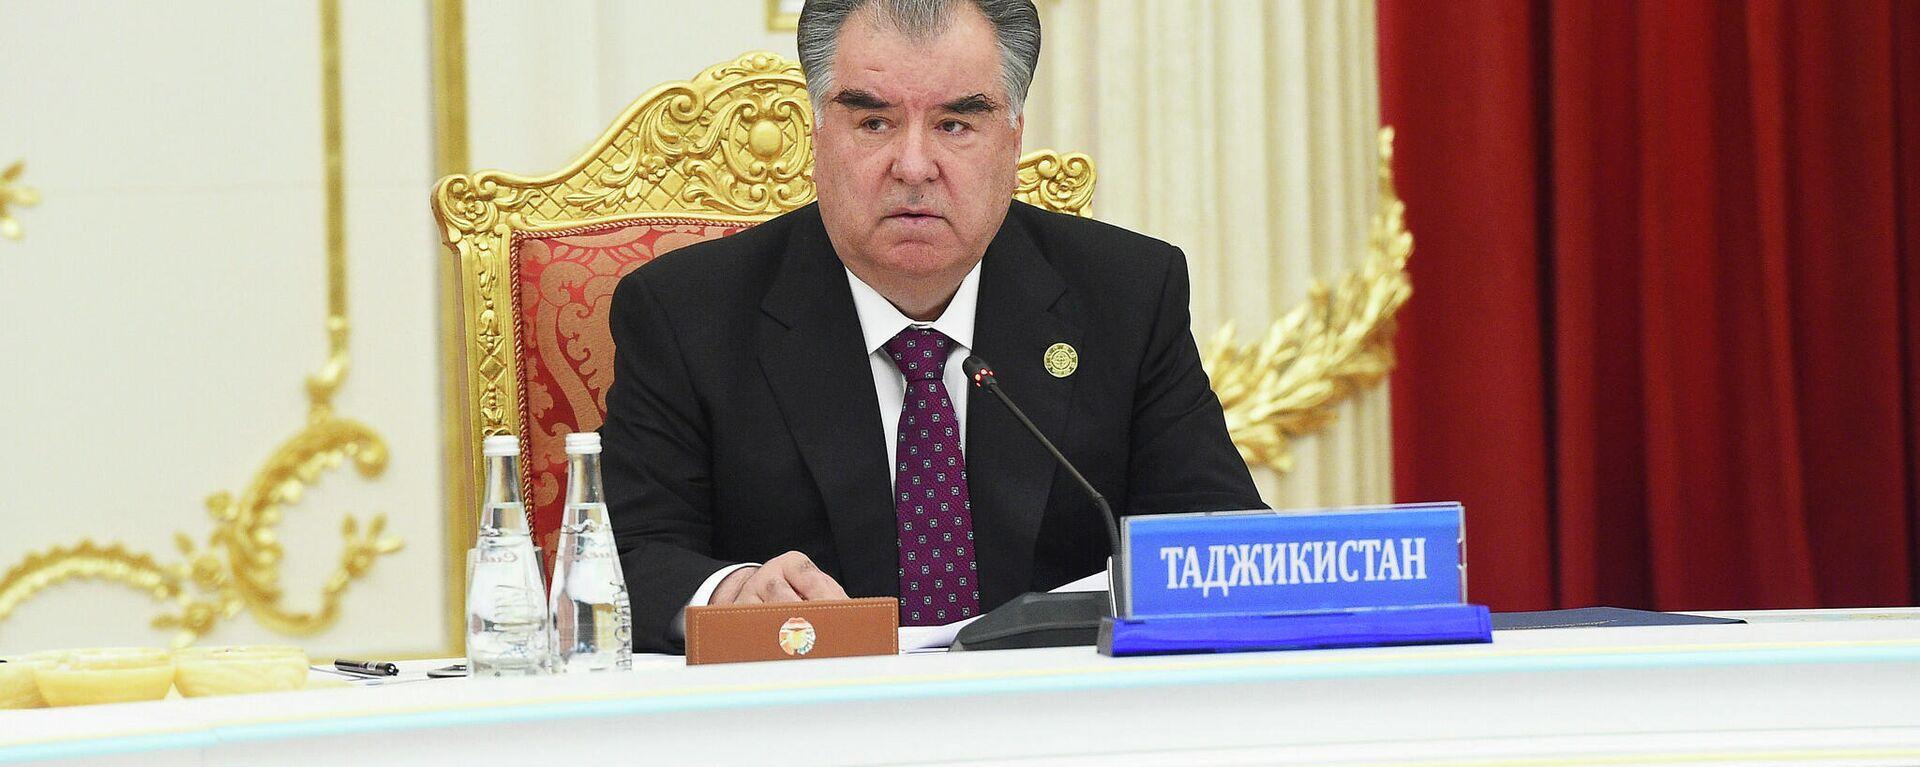 Президент Таджикистана Эмомали Рахмон - Sputnik Тоҷикистон, 1920, 17.09.2021